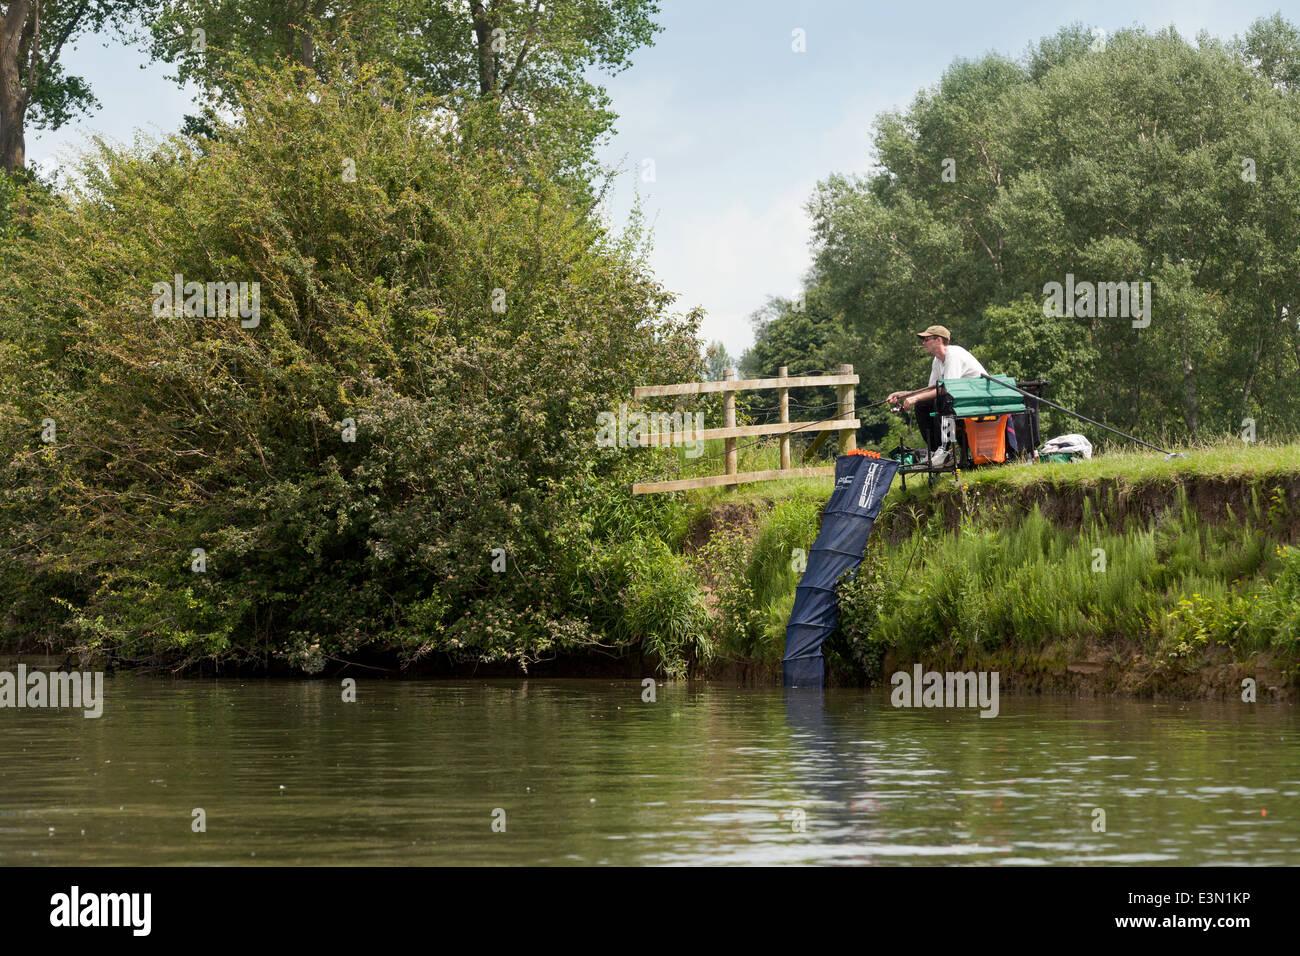 El Angler pesca deportiva, el Río Támesis en Wallingford, Oxfordshire, Inglaterra Imagen De Stock